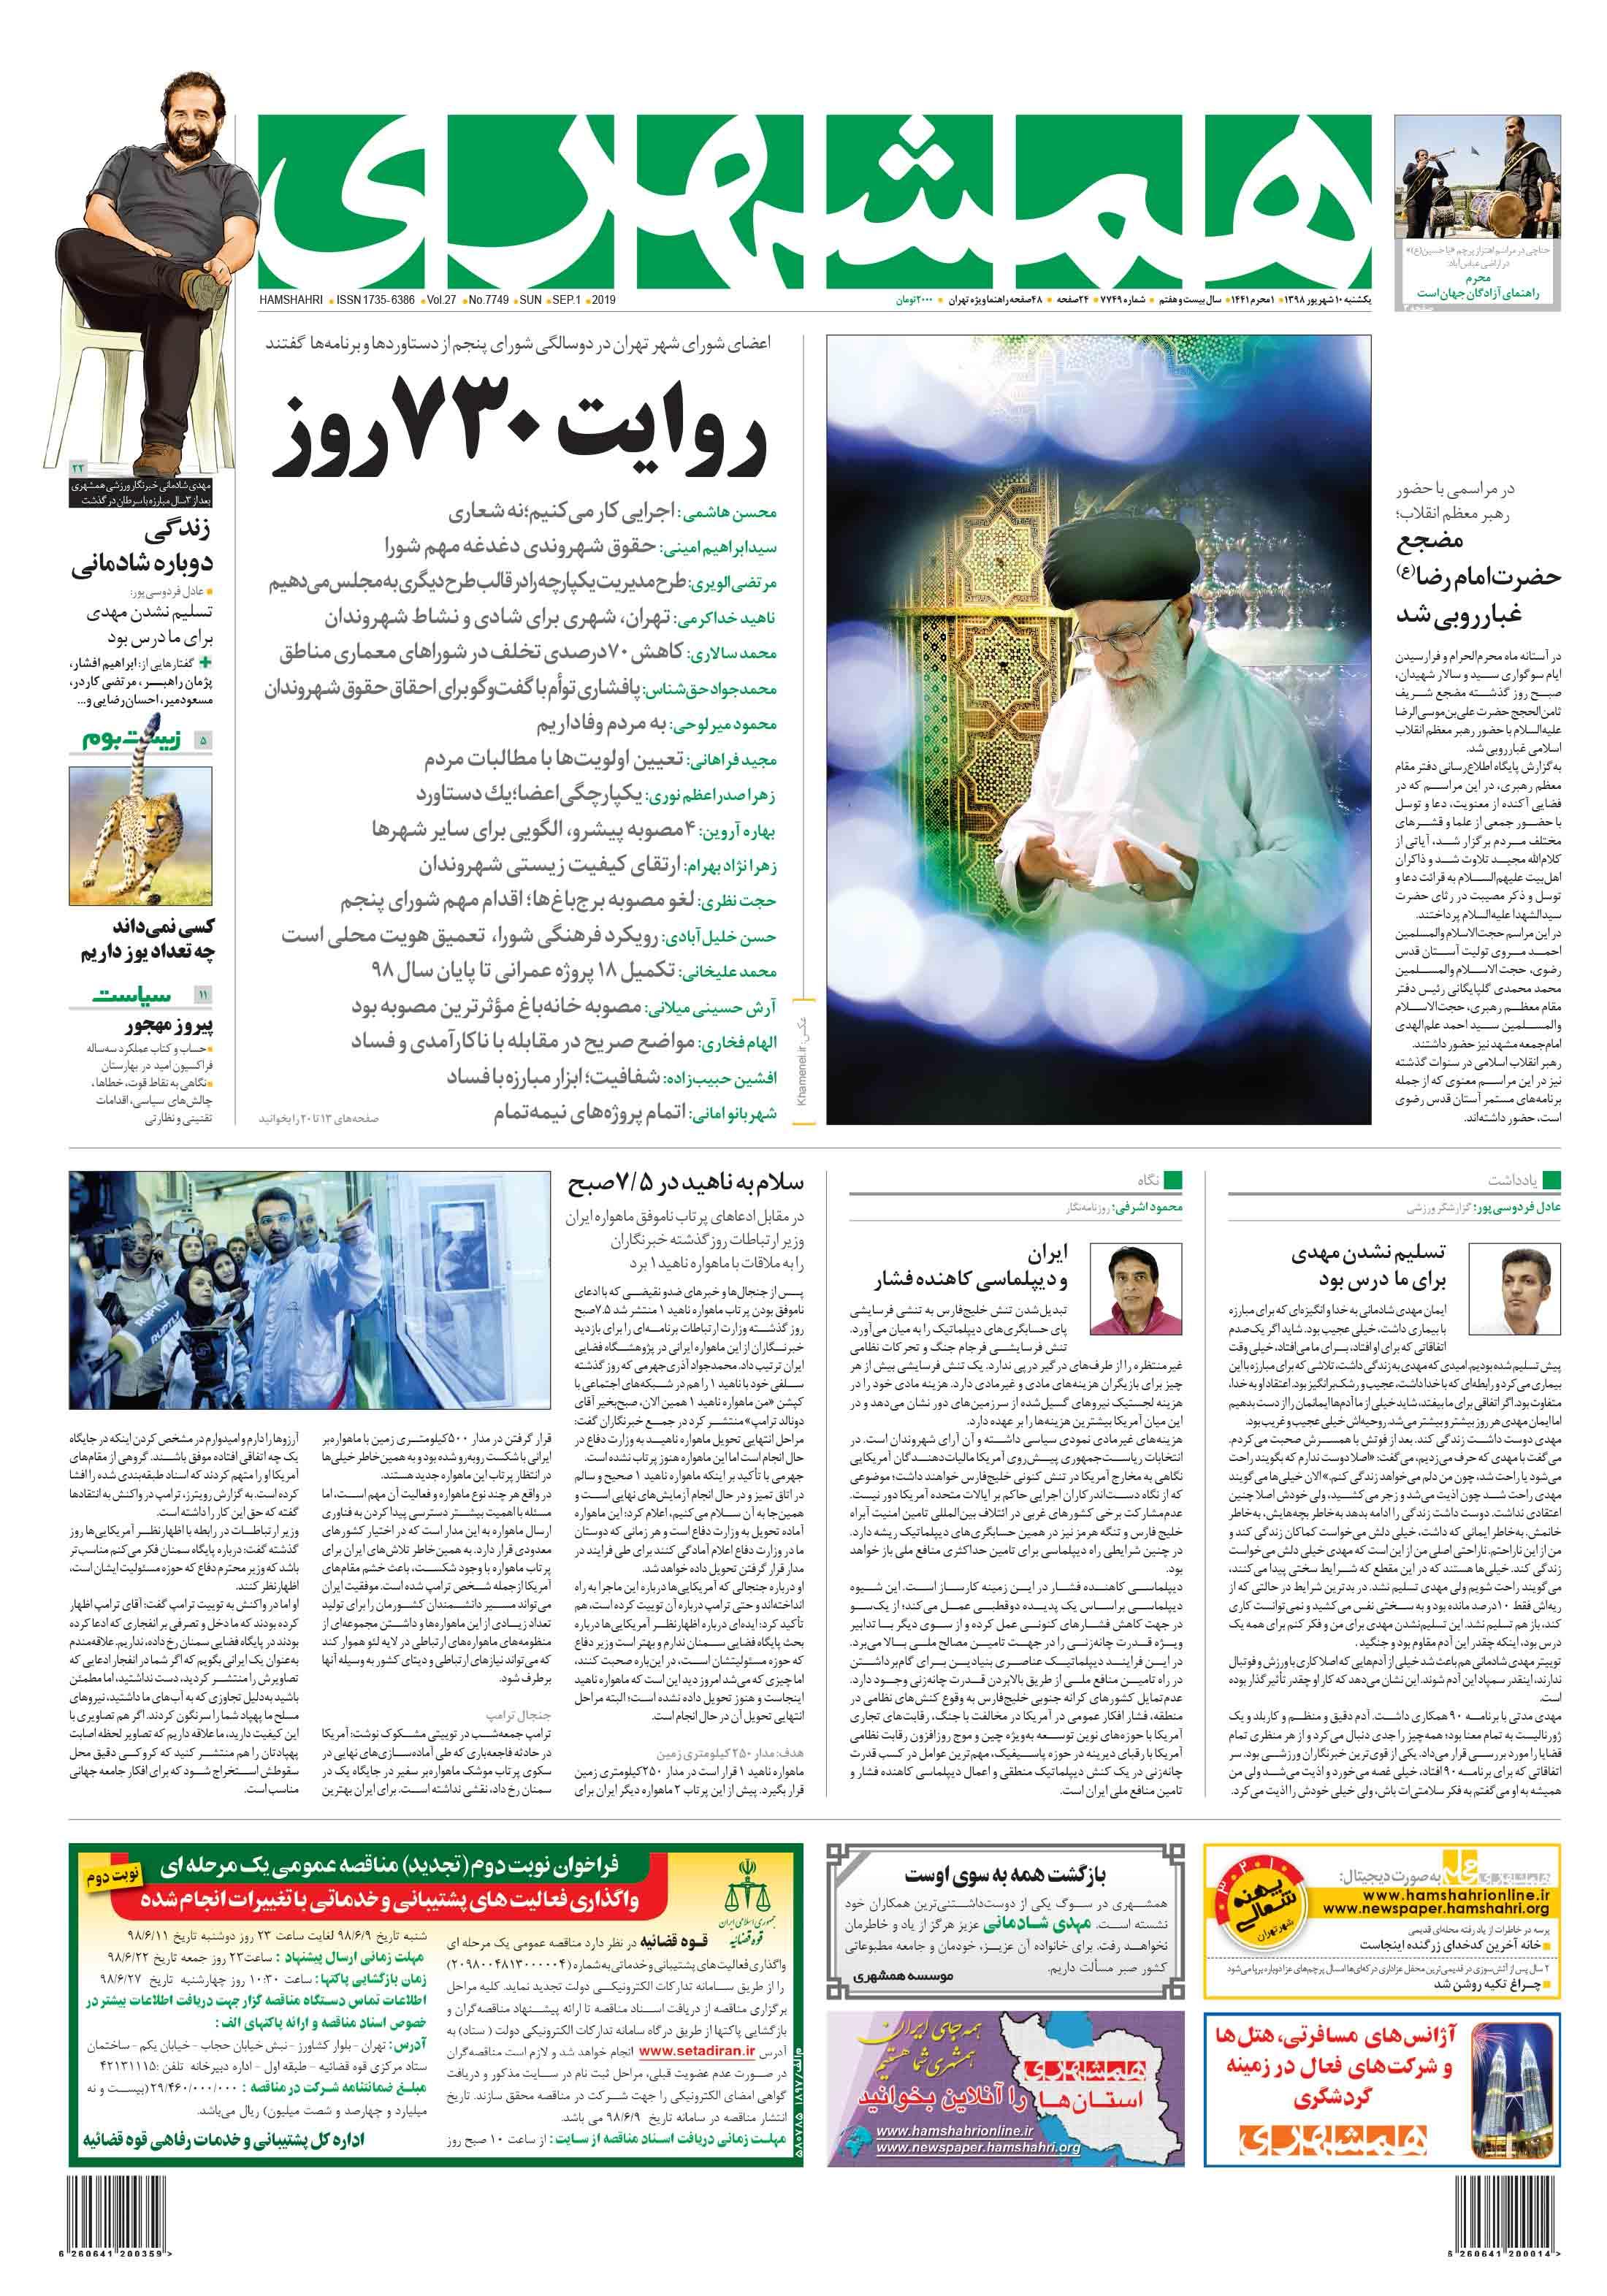 صفحه اول یکشنبه 10 شهریور 1398